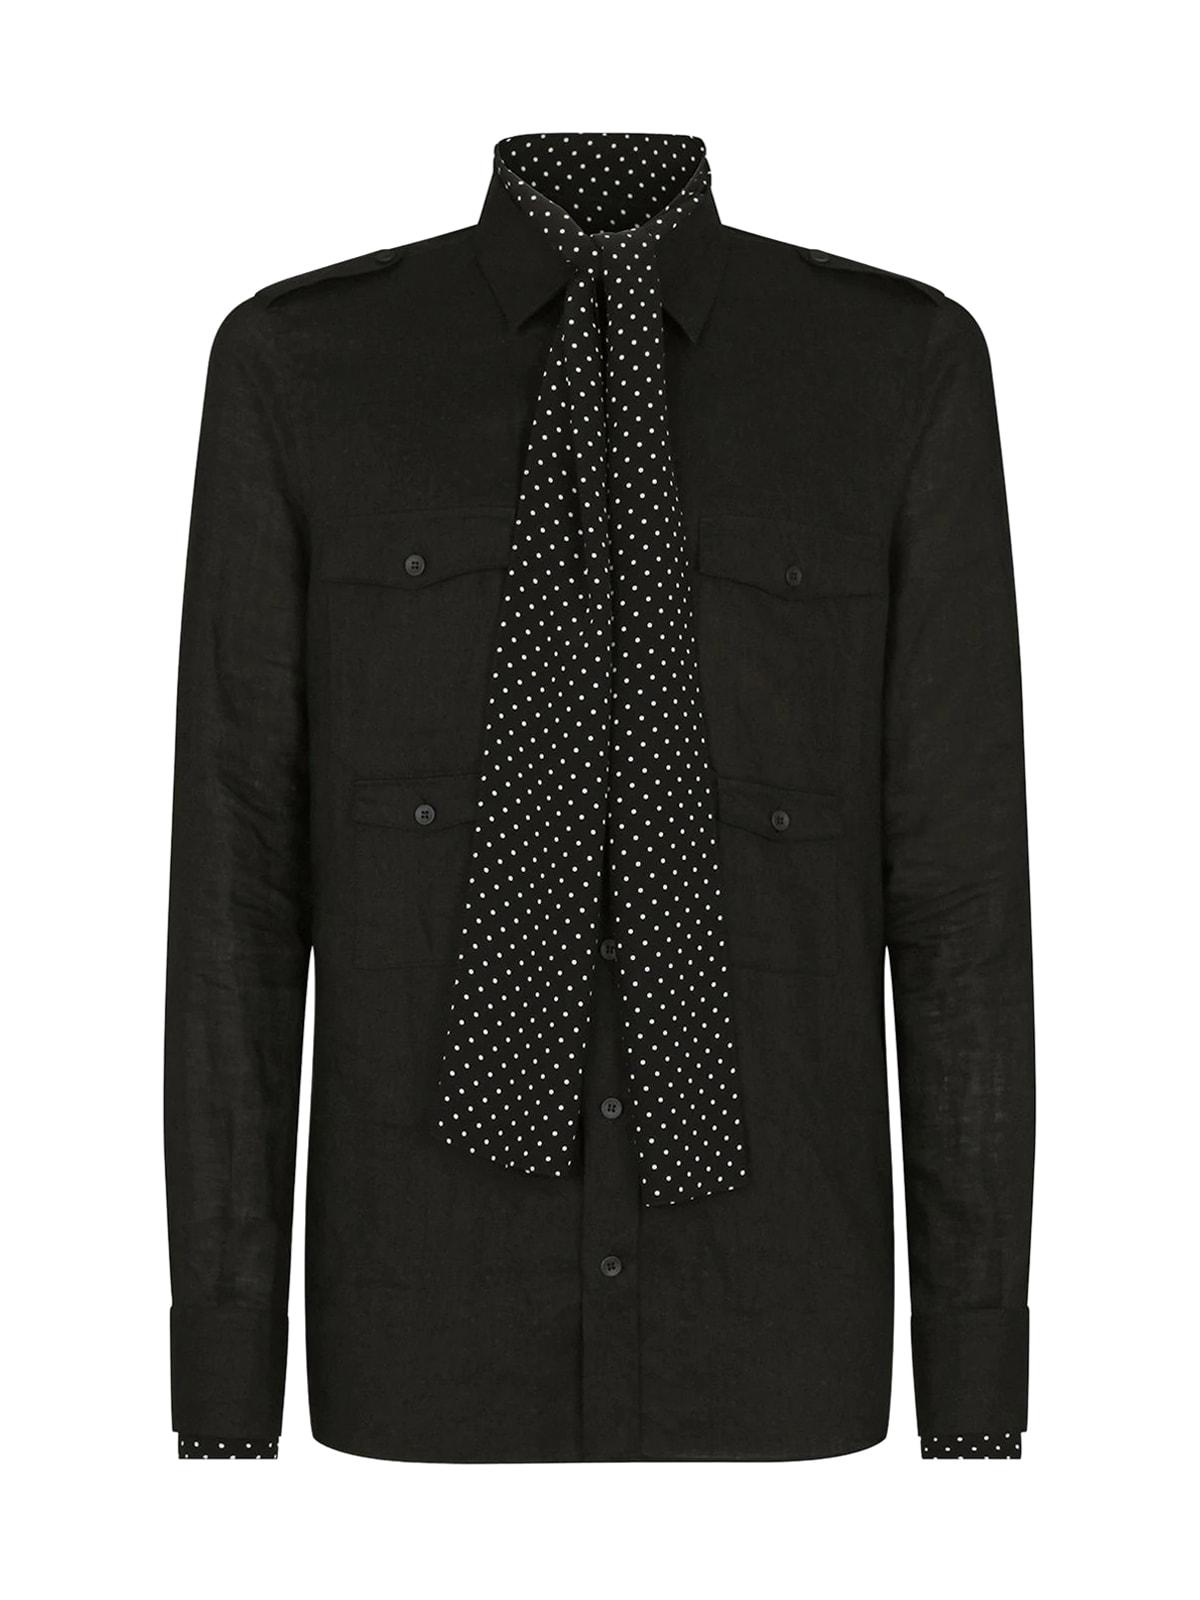 Dolce & Gabbana Shirt In Black